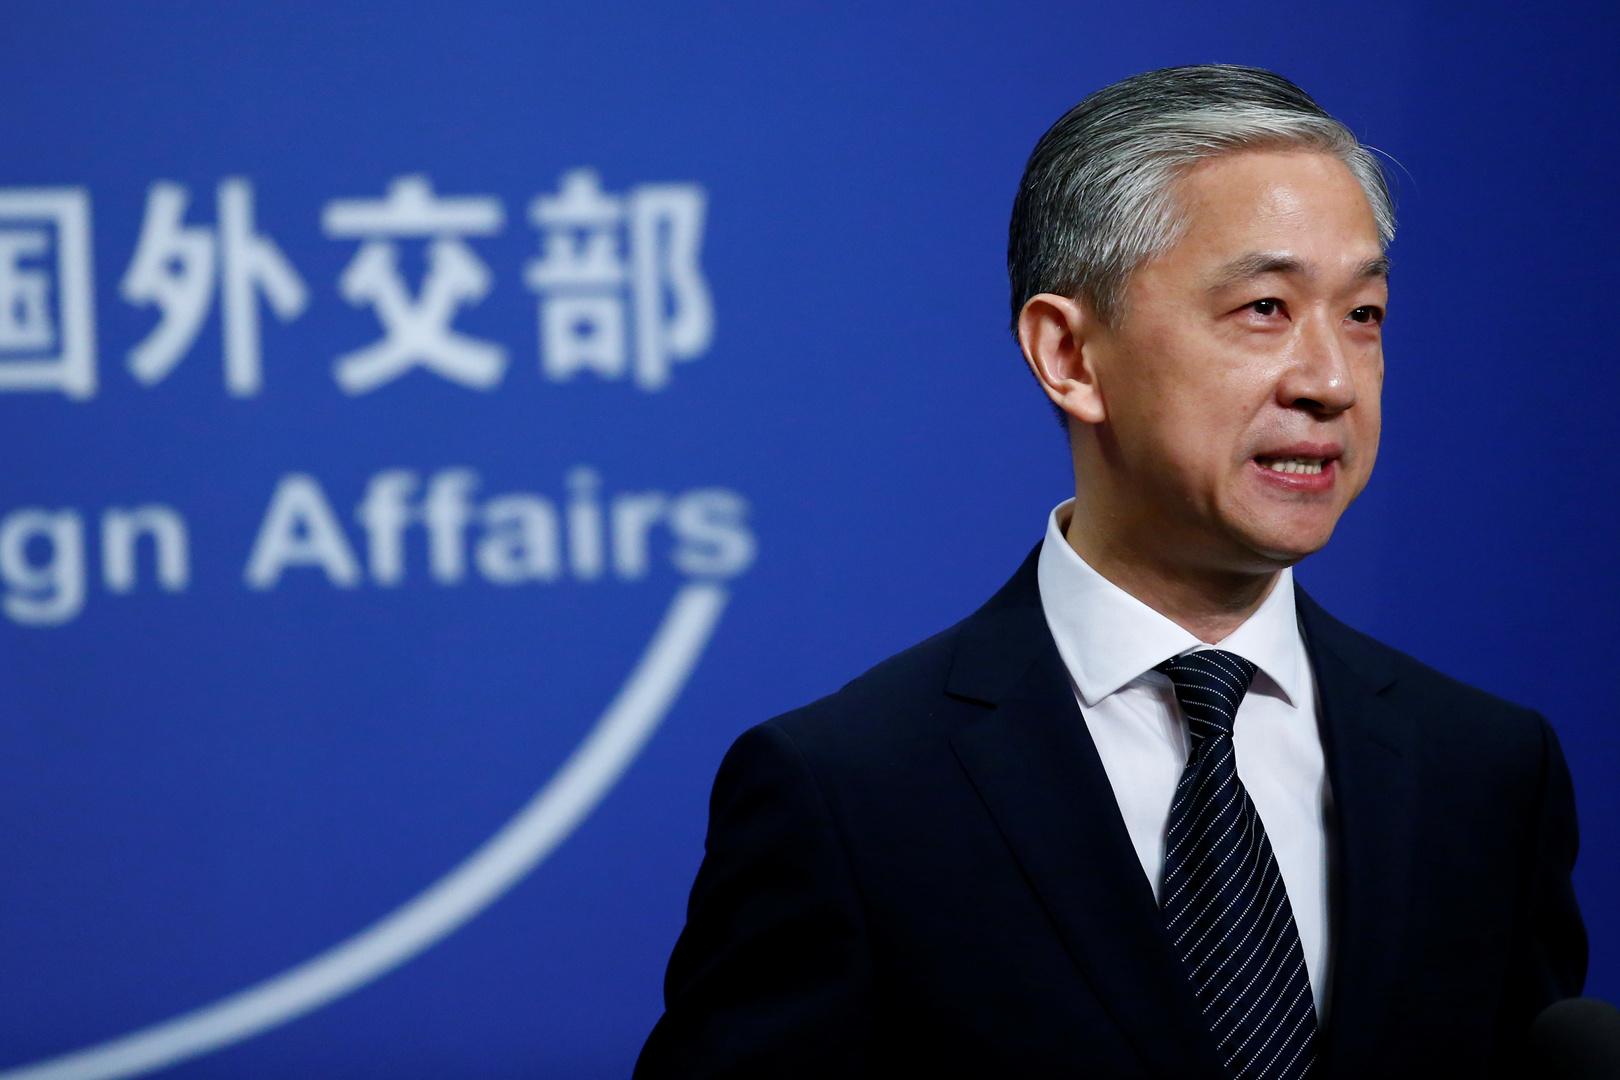 بكين تتهم بومبيو بتجاهل الواقع والانحياز الإيديولوجي